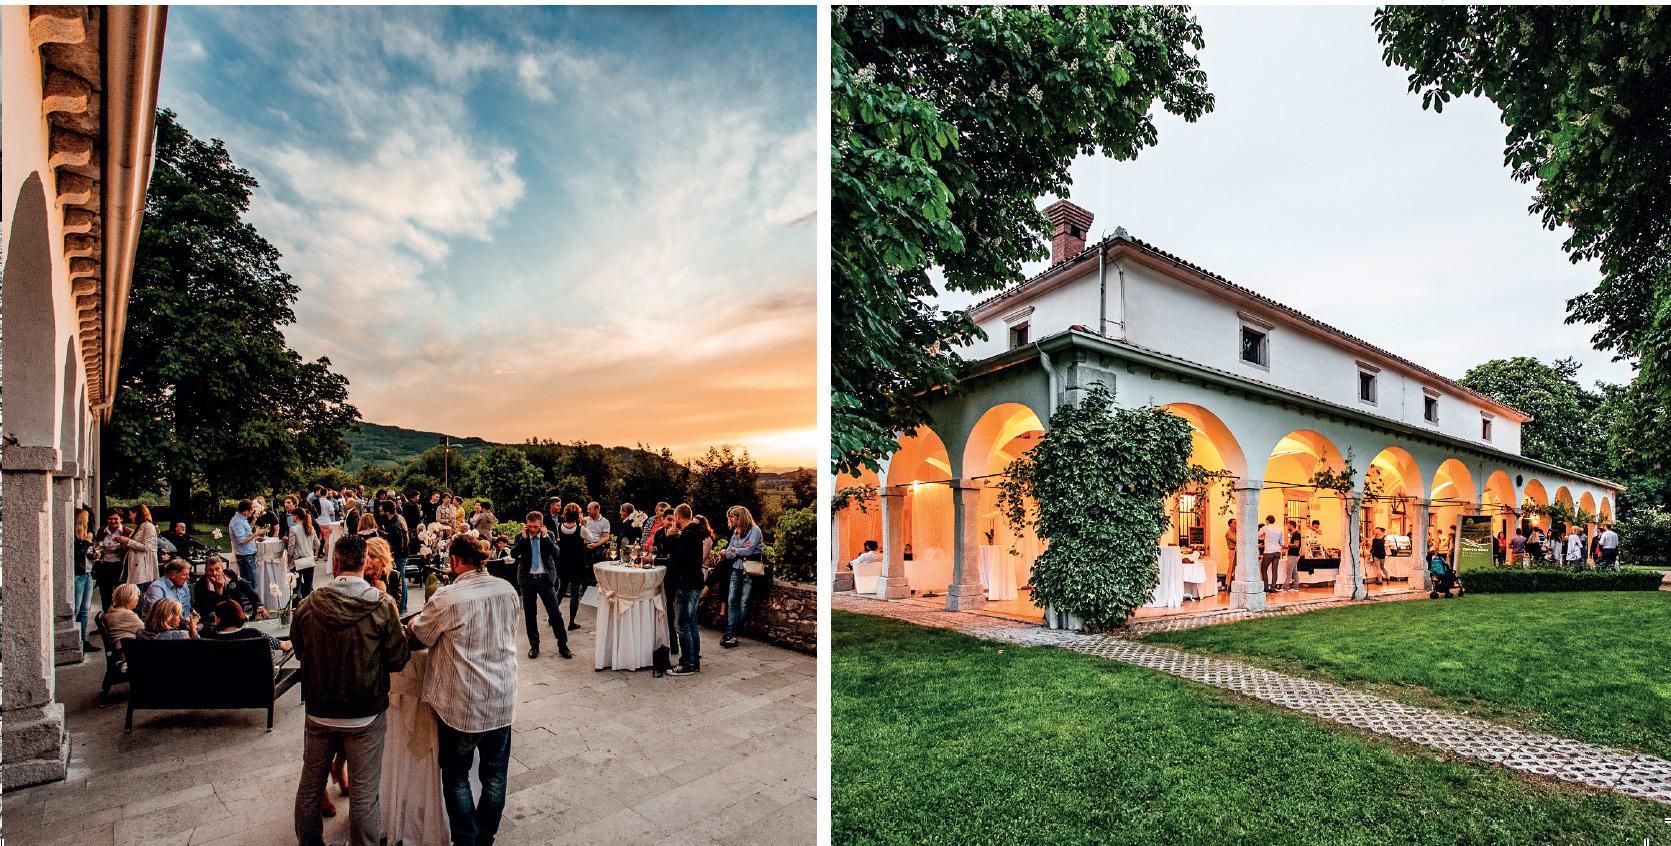 dvorec zemono winery